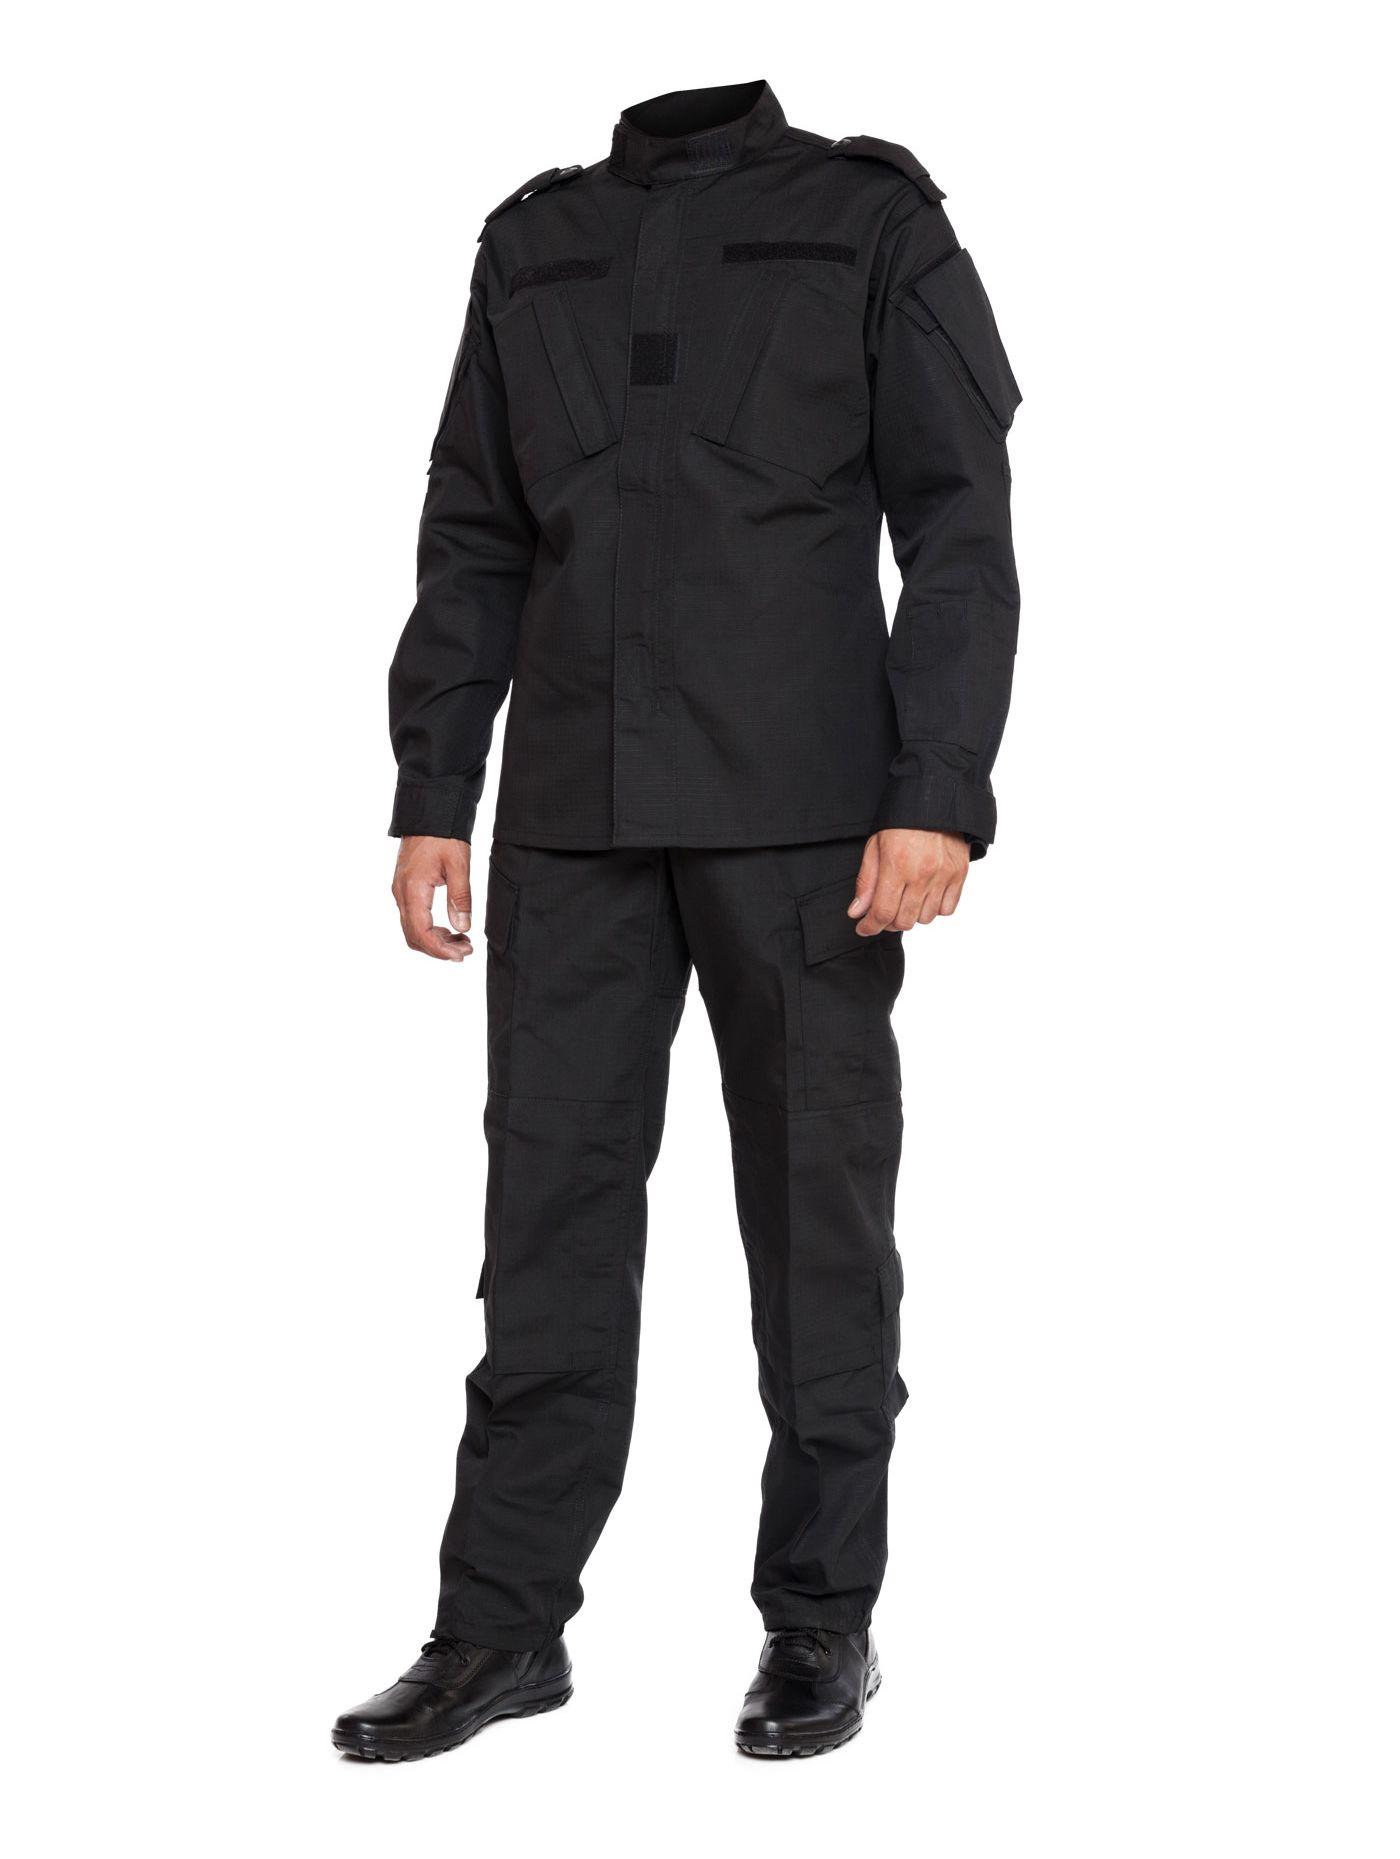 охранника купить одежда